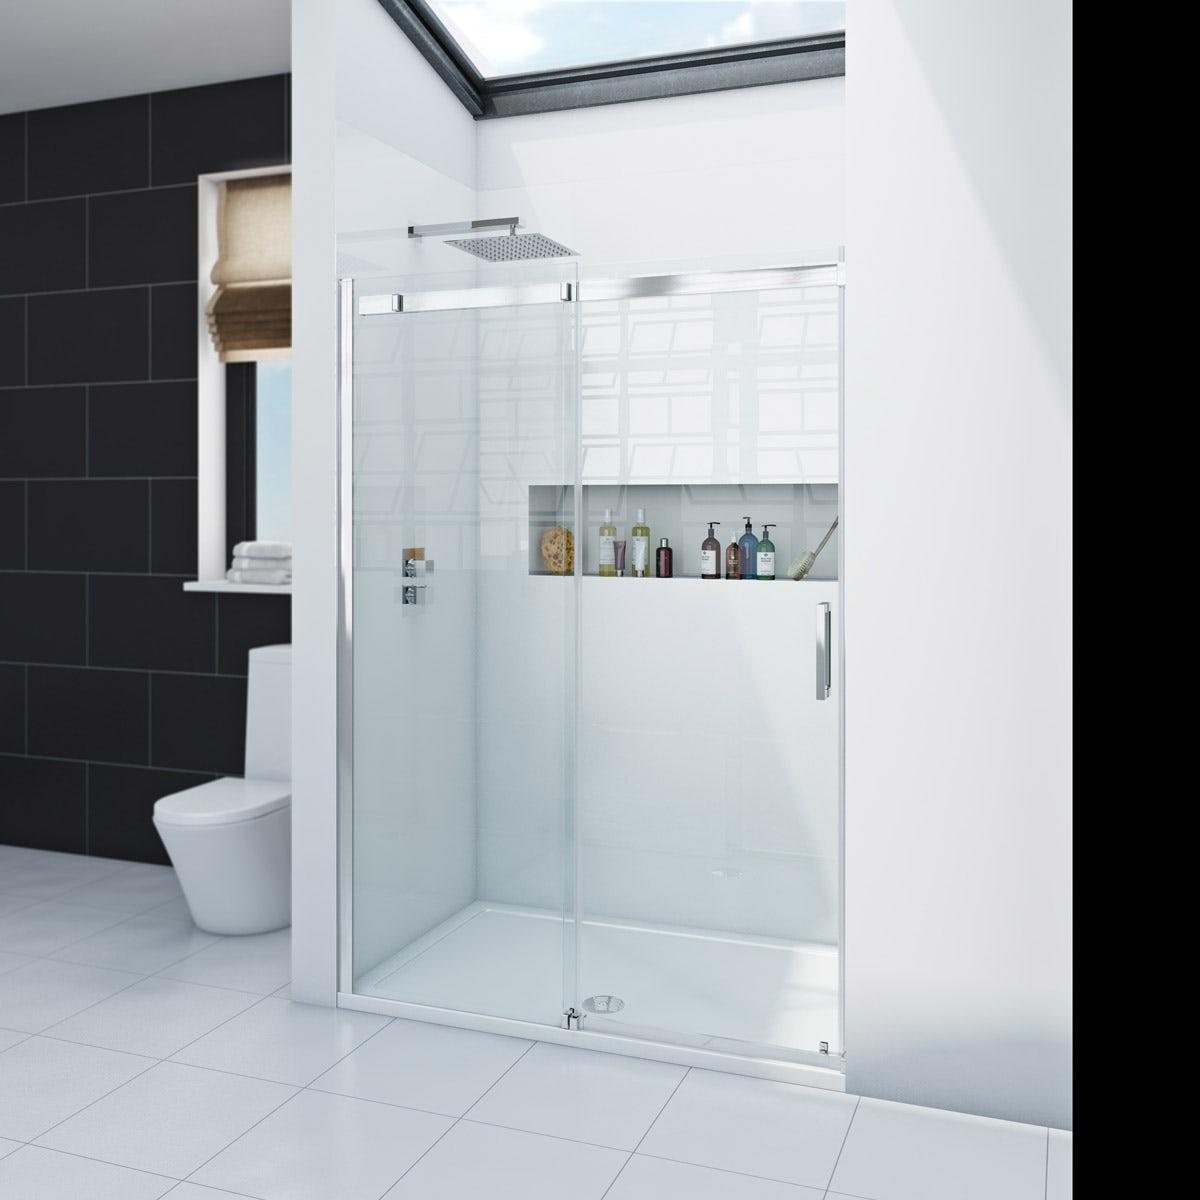 Zenolite plus ice acrylic shower wall panel 2440 x 1000